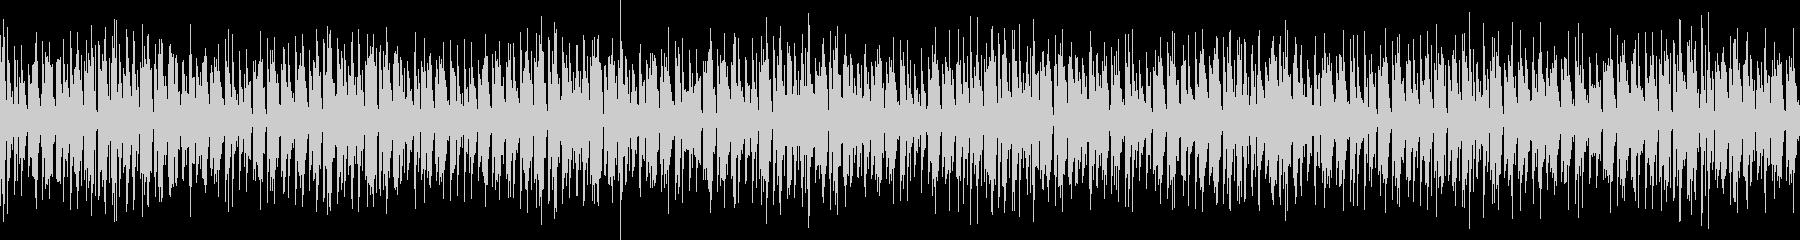 スペースディスコなハウスのループ音源の未再生の波形